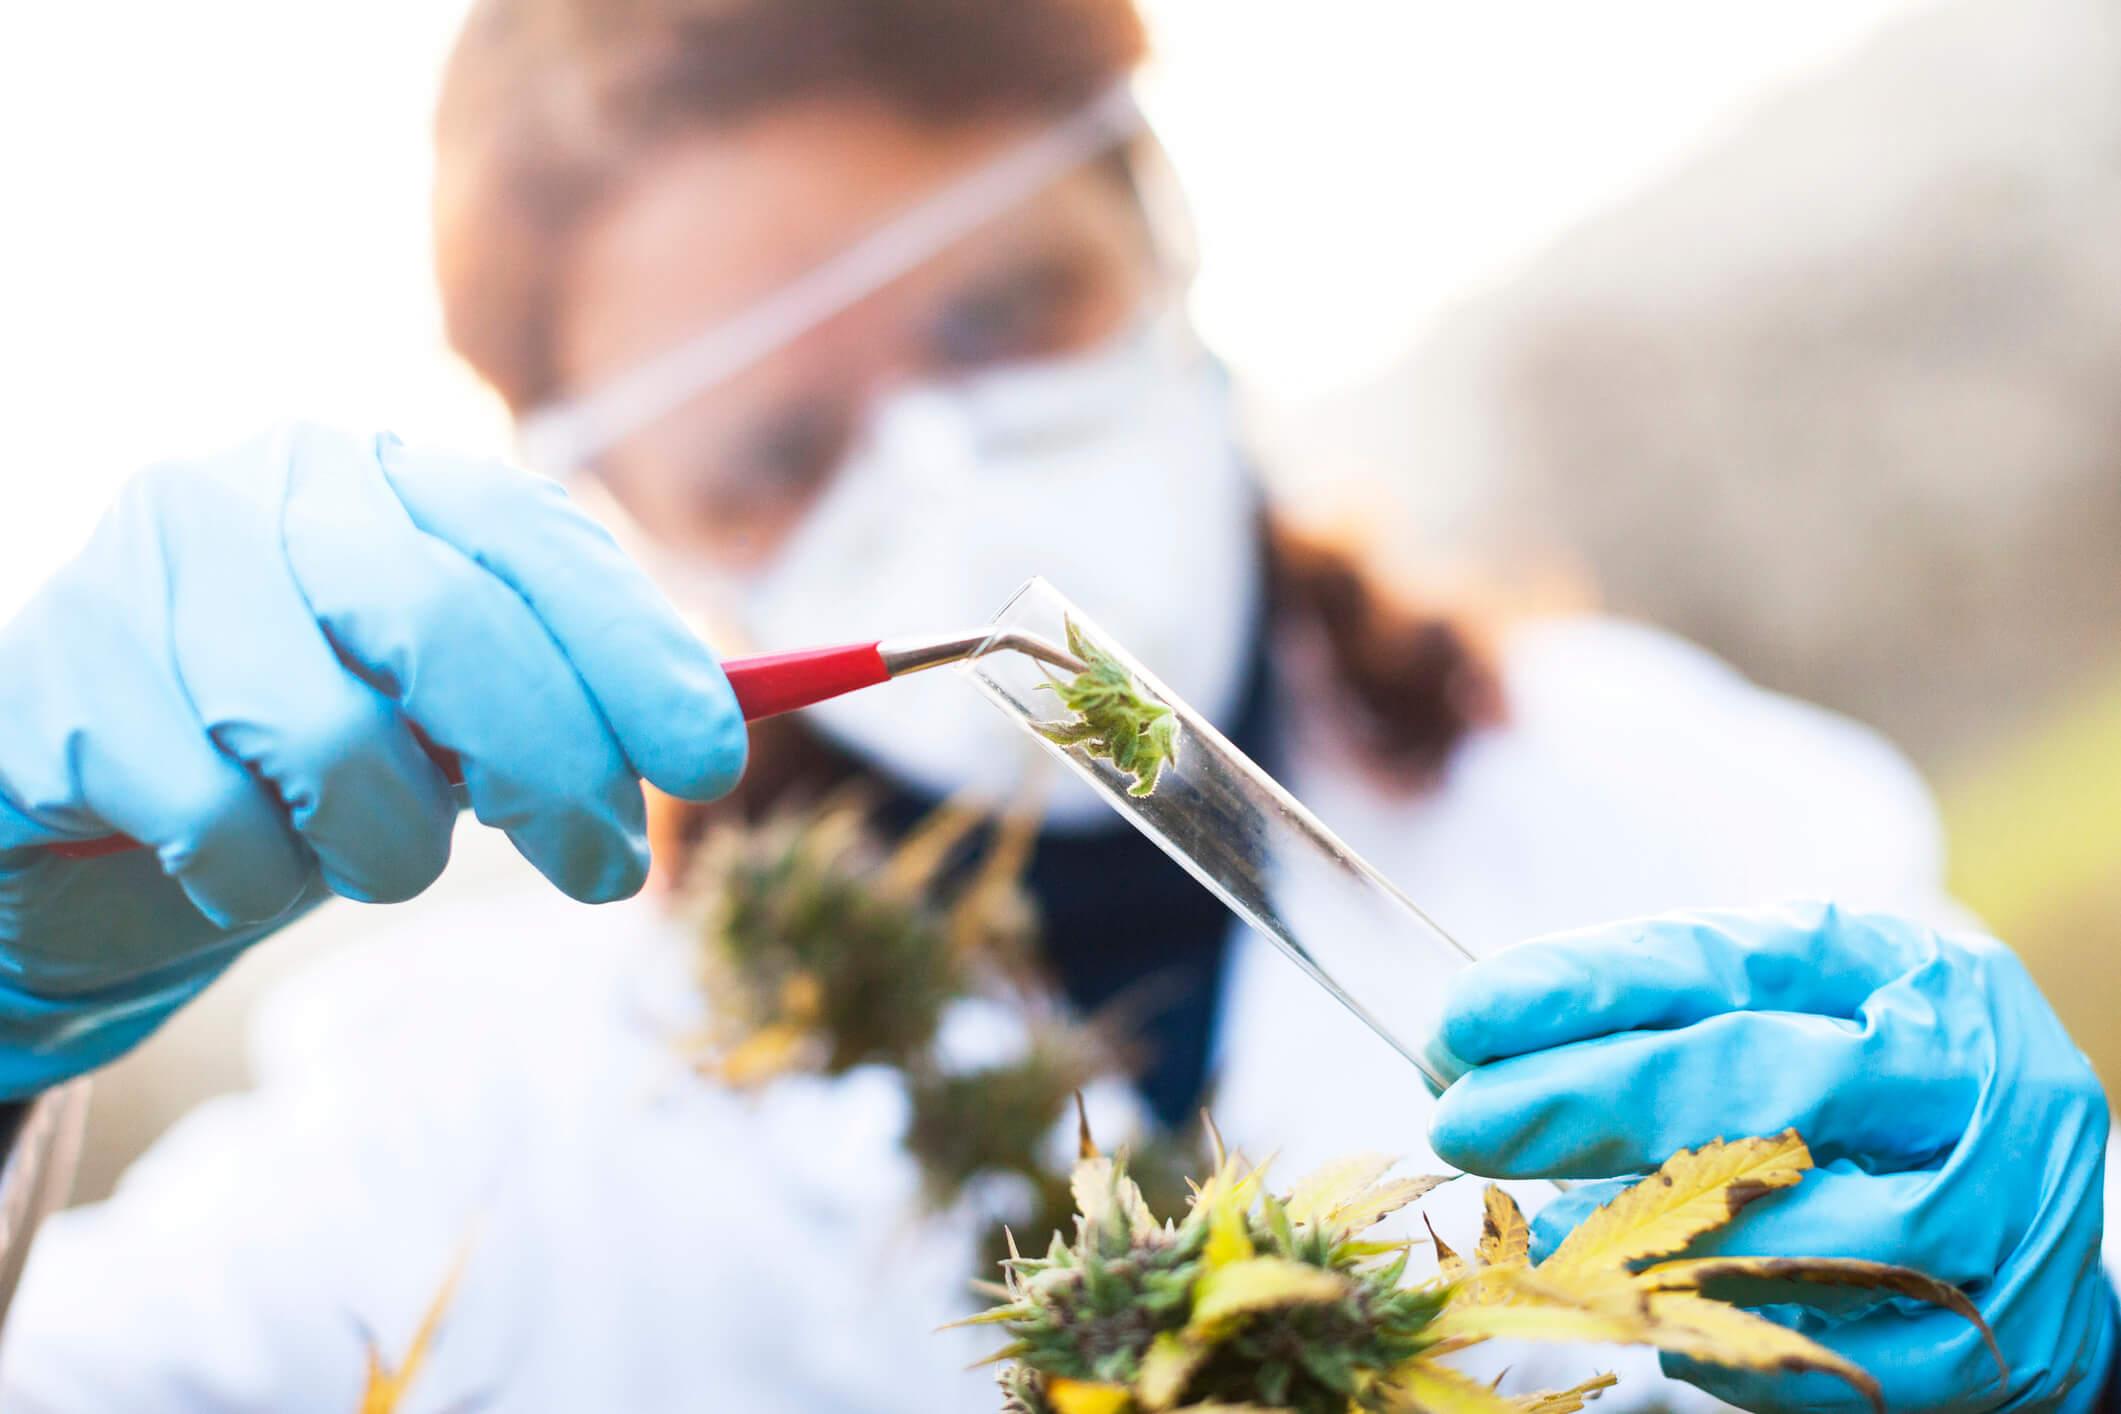 Histórico da discussão da proposta de regulamentação sobre a Cannabis Medicinal até o momento